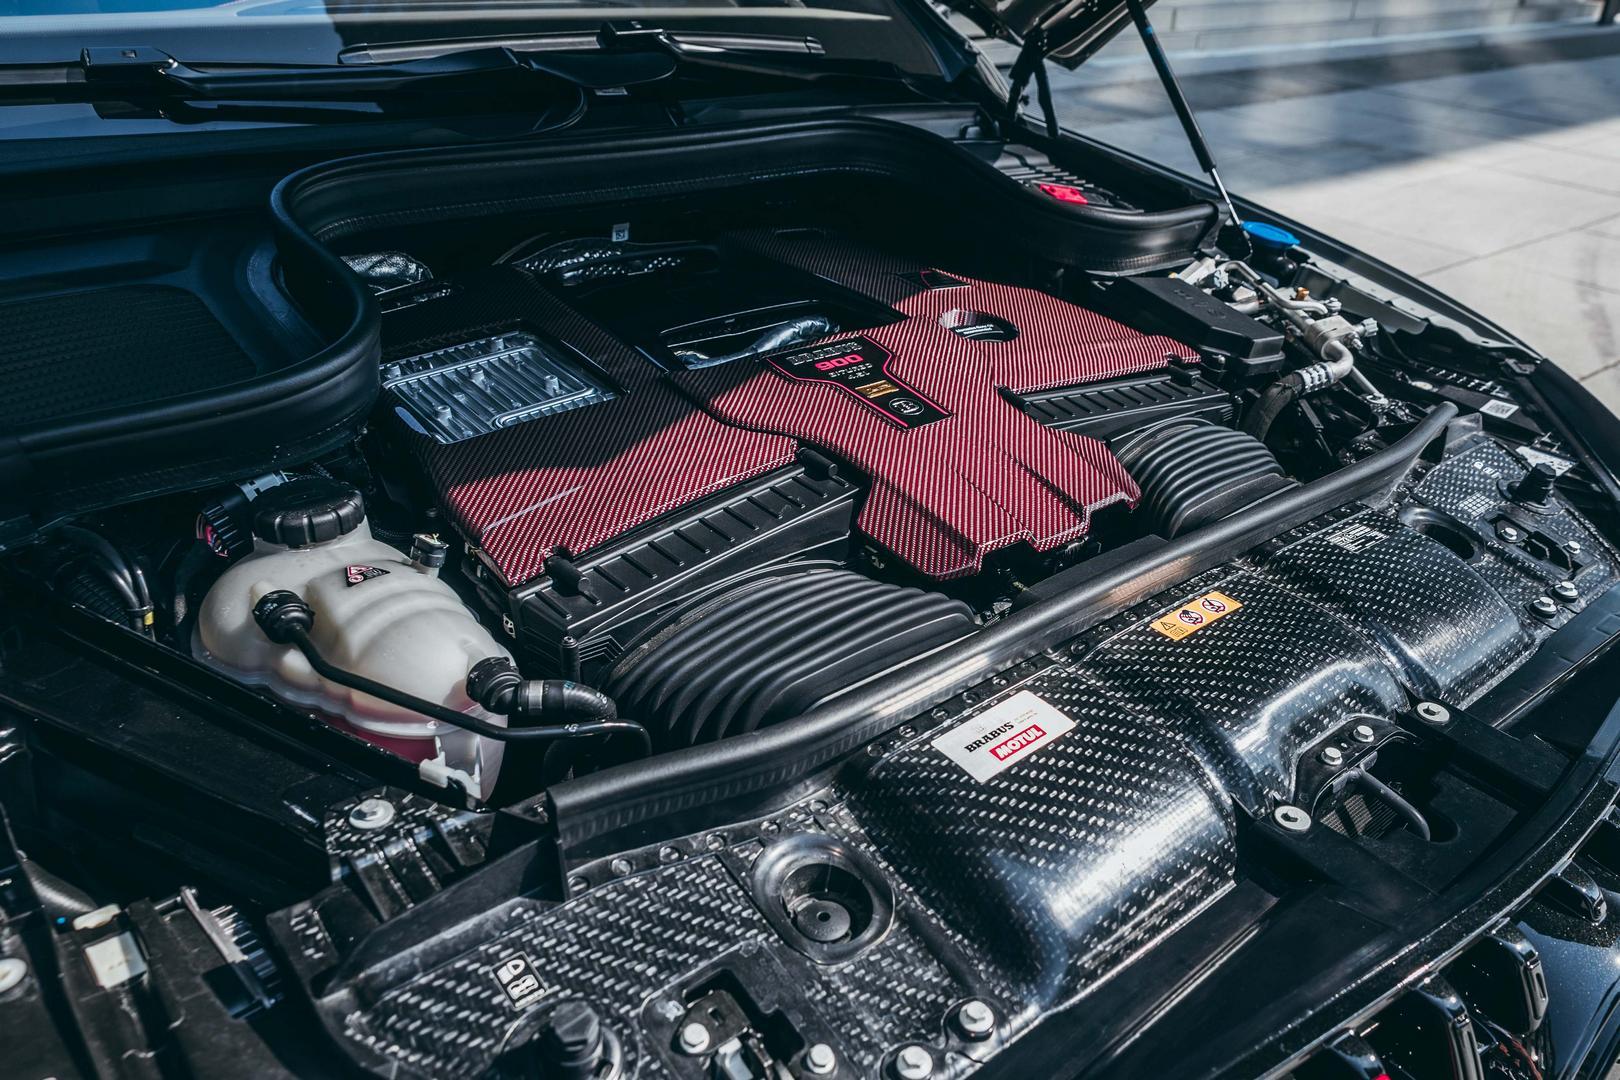 Brabus Rocket GLE 63 AMG engine